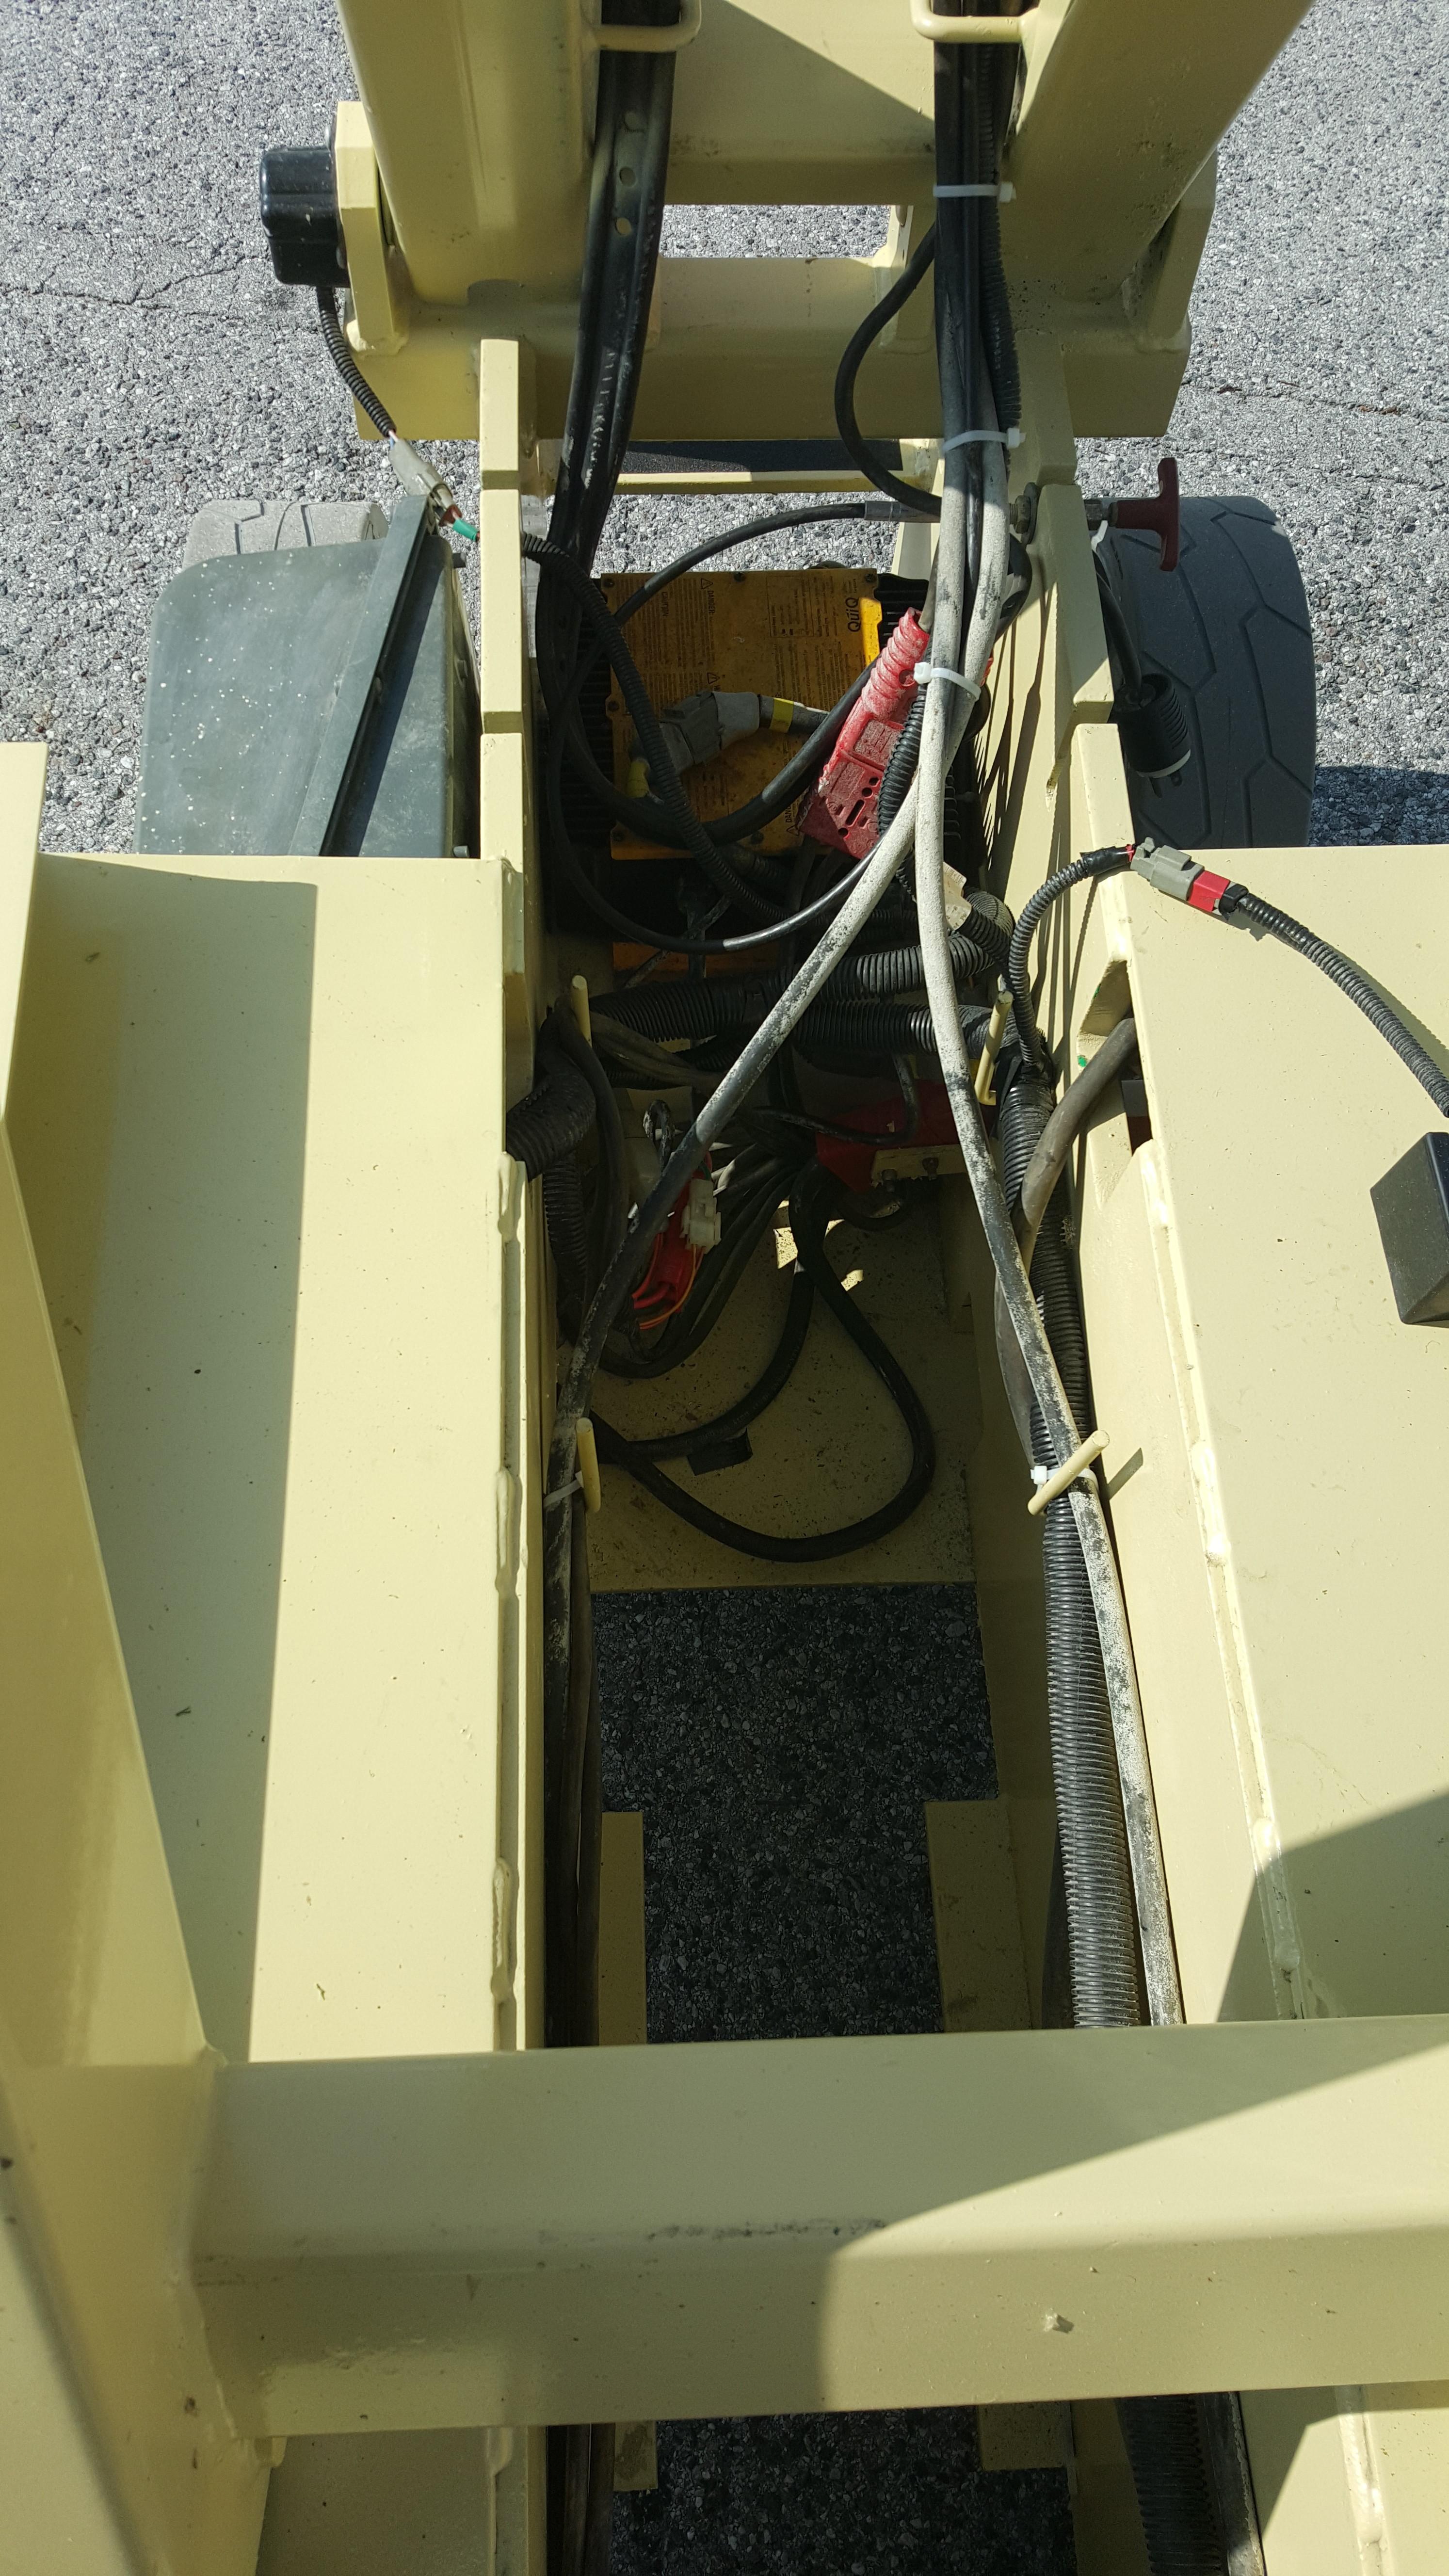 jlg scissor lift operators manual